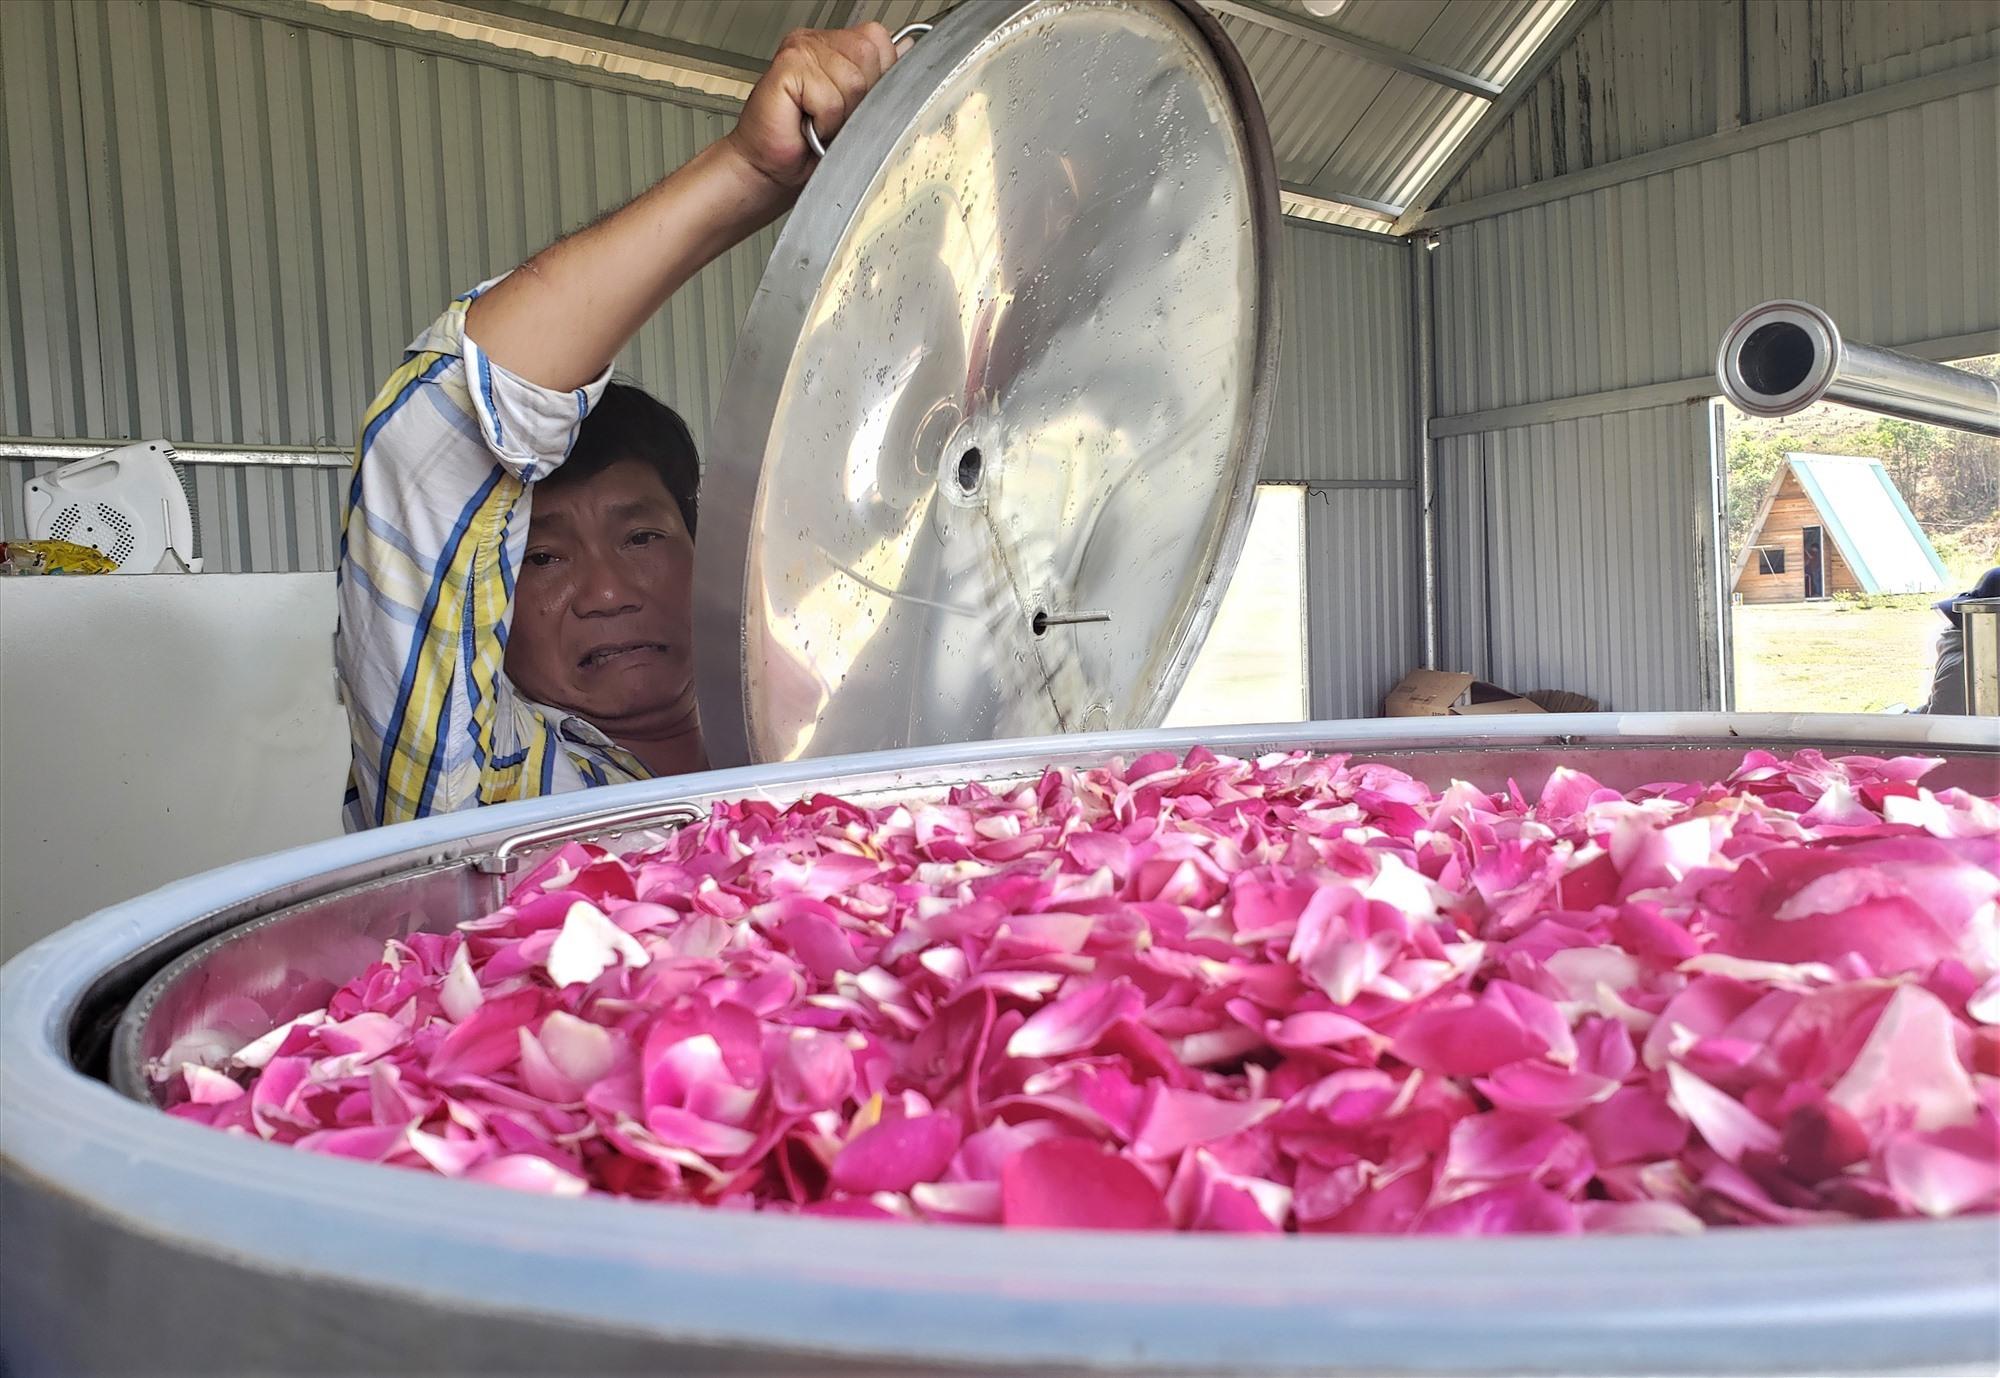 Hoa hồng được đưa vào nồi để chế xuất toner hoa hồng. Ảnh. THANH THẮNG